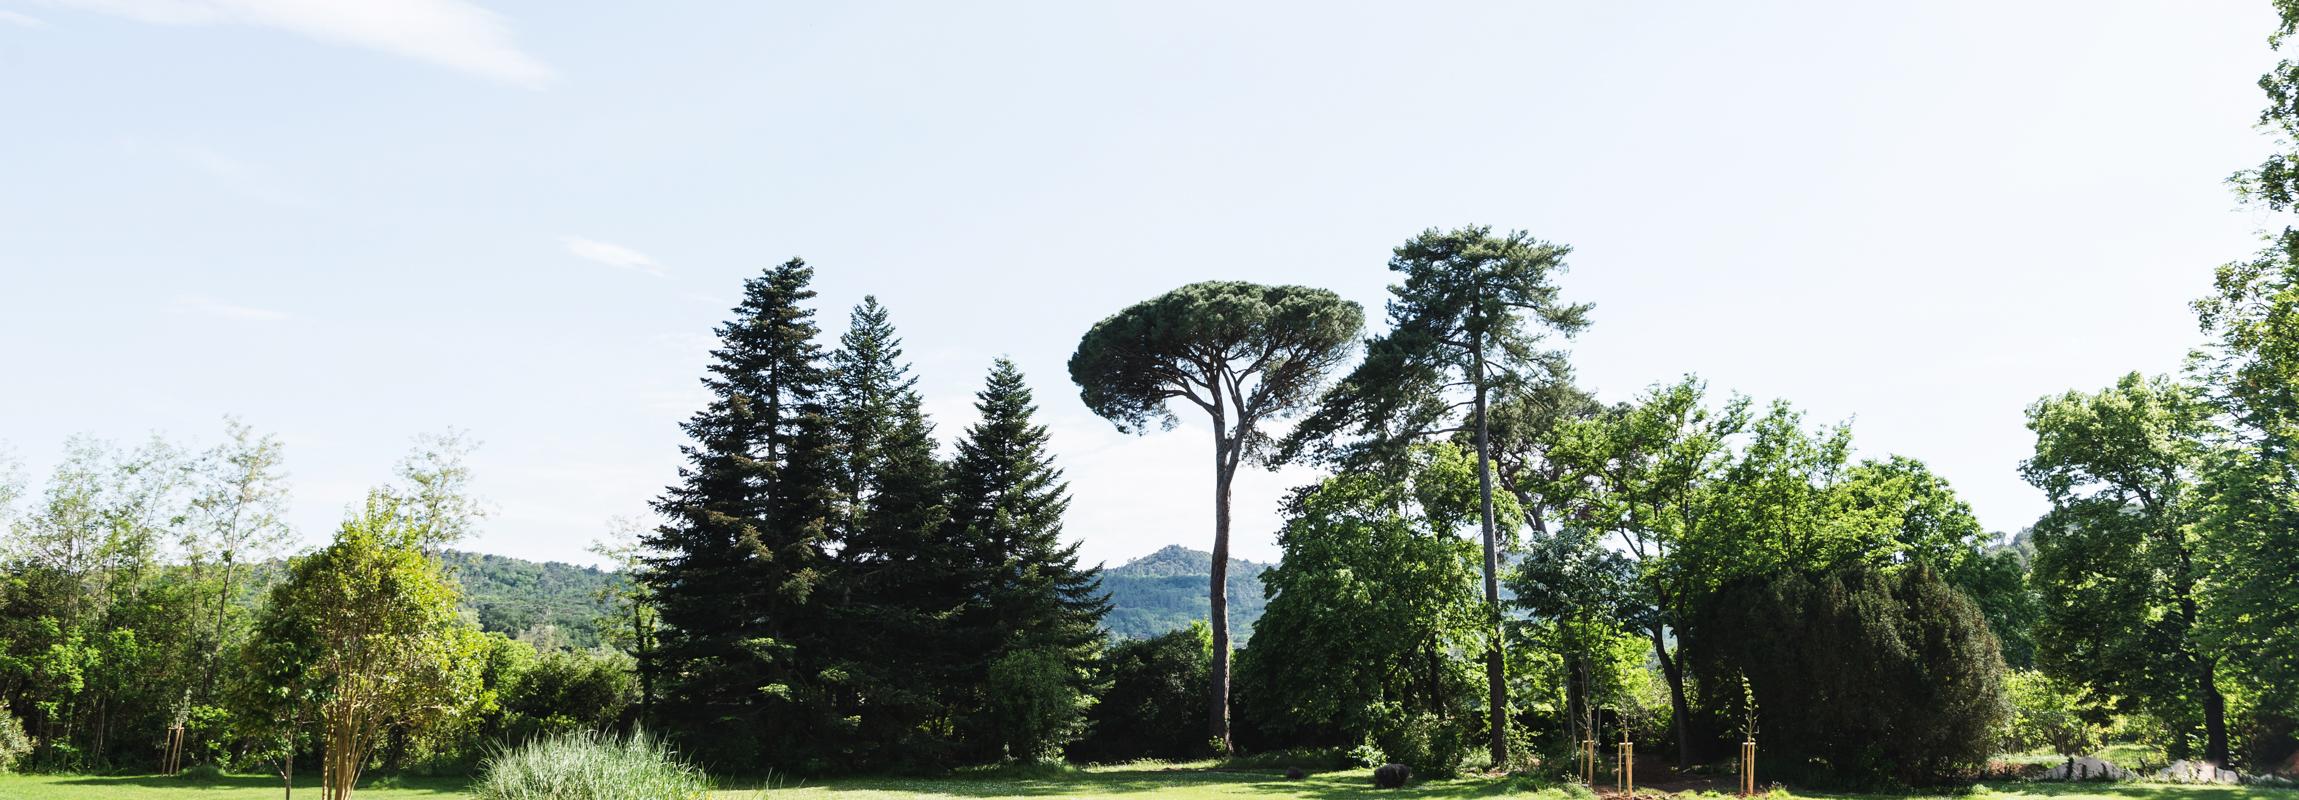 Alte und neue Bäume bilden das Inventar eines magischen Ortes - dem Schlosspark des Château de Montcaud, Hotel Provence, Südfrankreich.